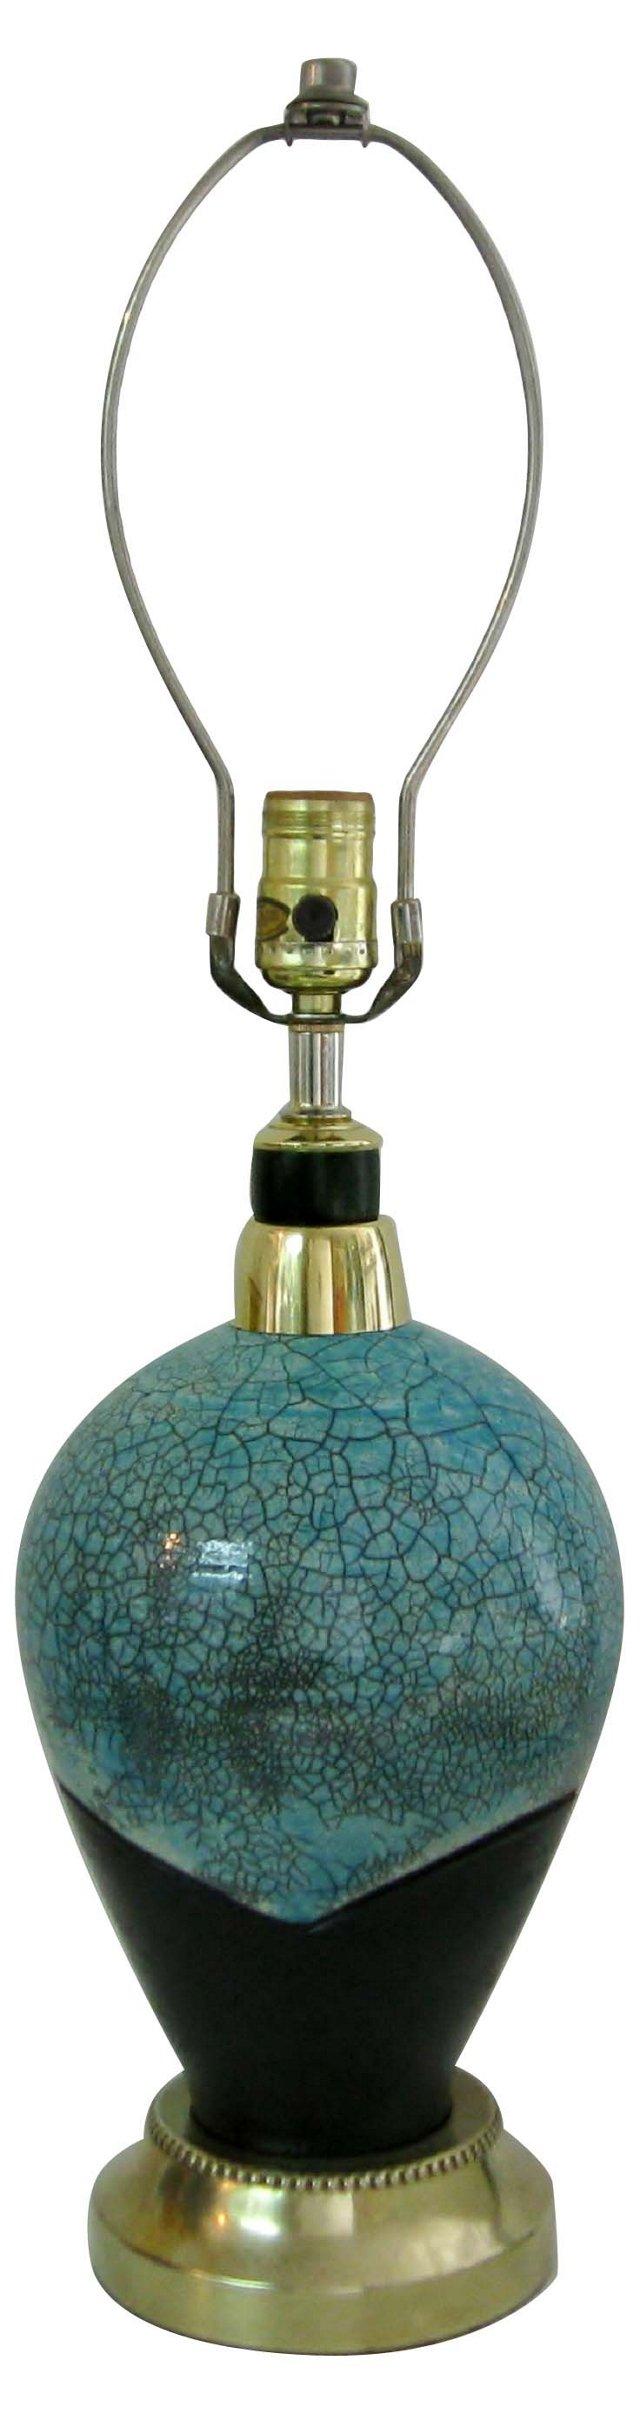 Turquoise Raku Ceramic Lamp